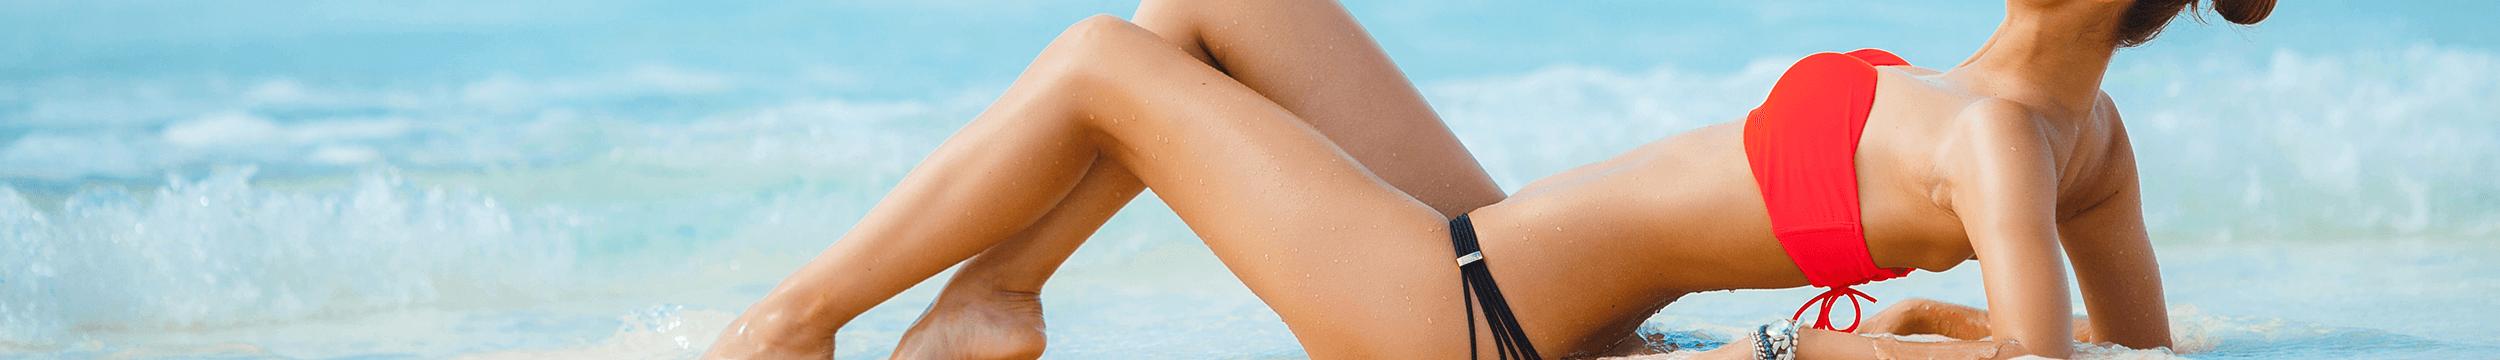 woman in red bikini top and black bottoms lying on beach